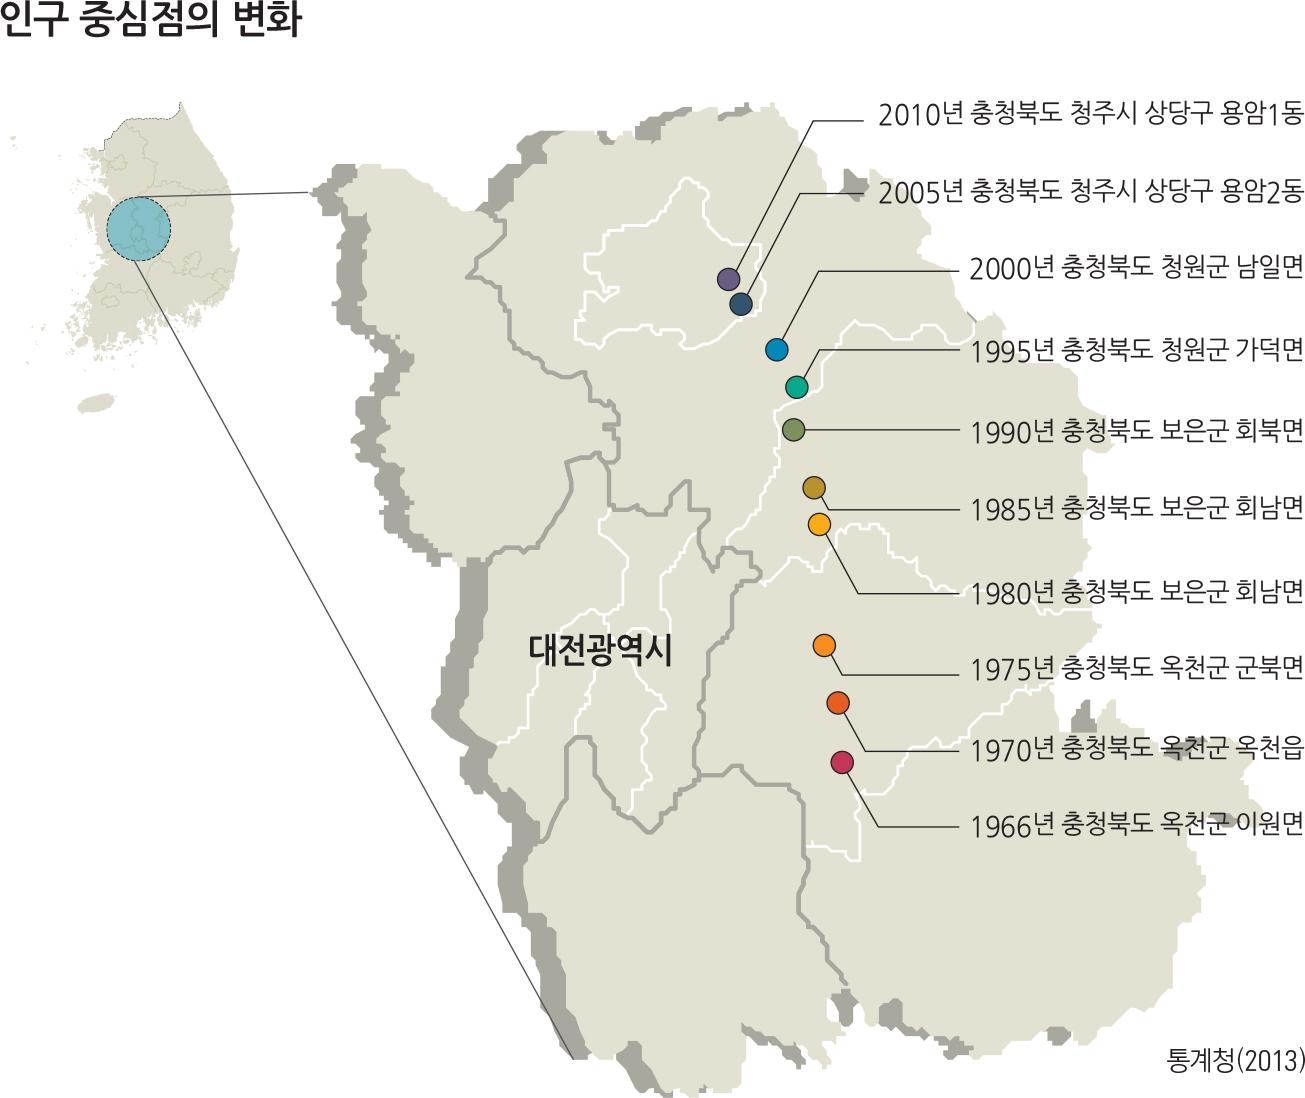 인구 중심점의 변화